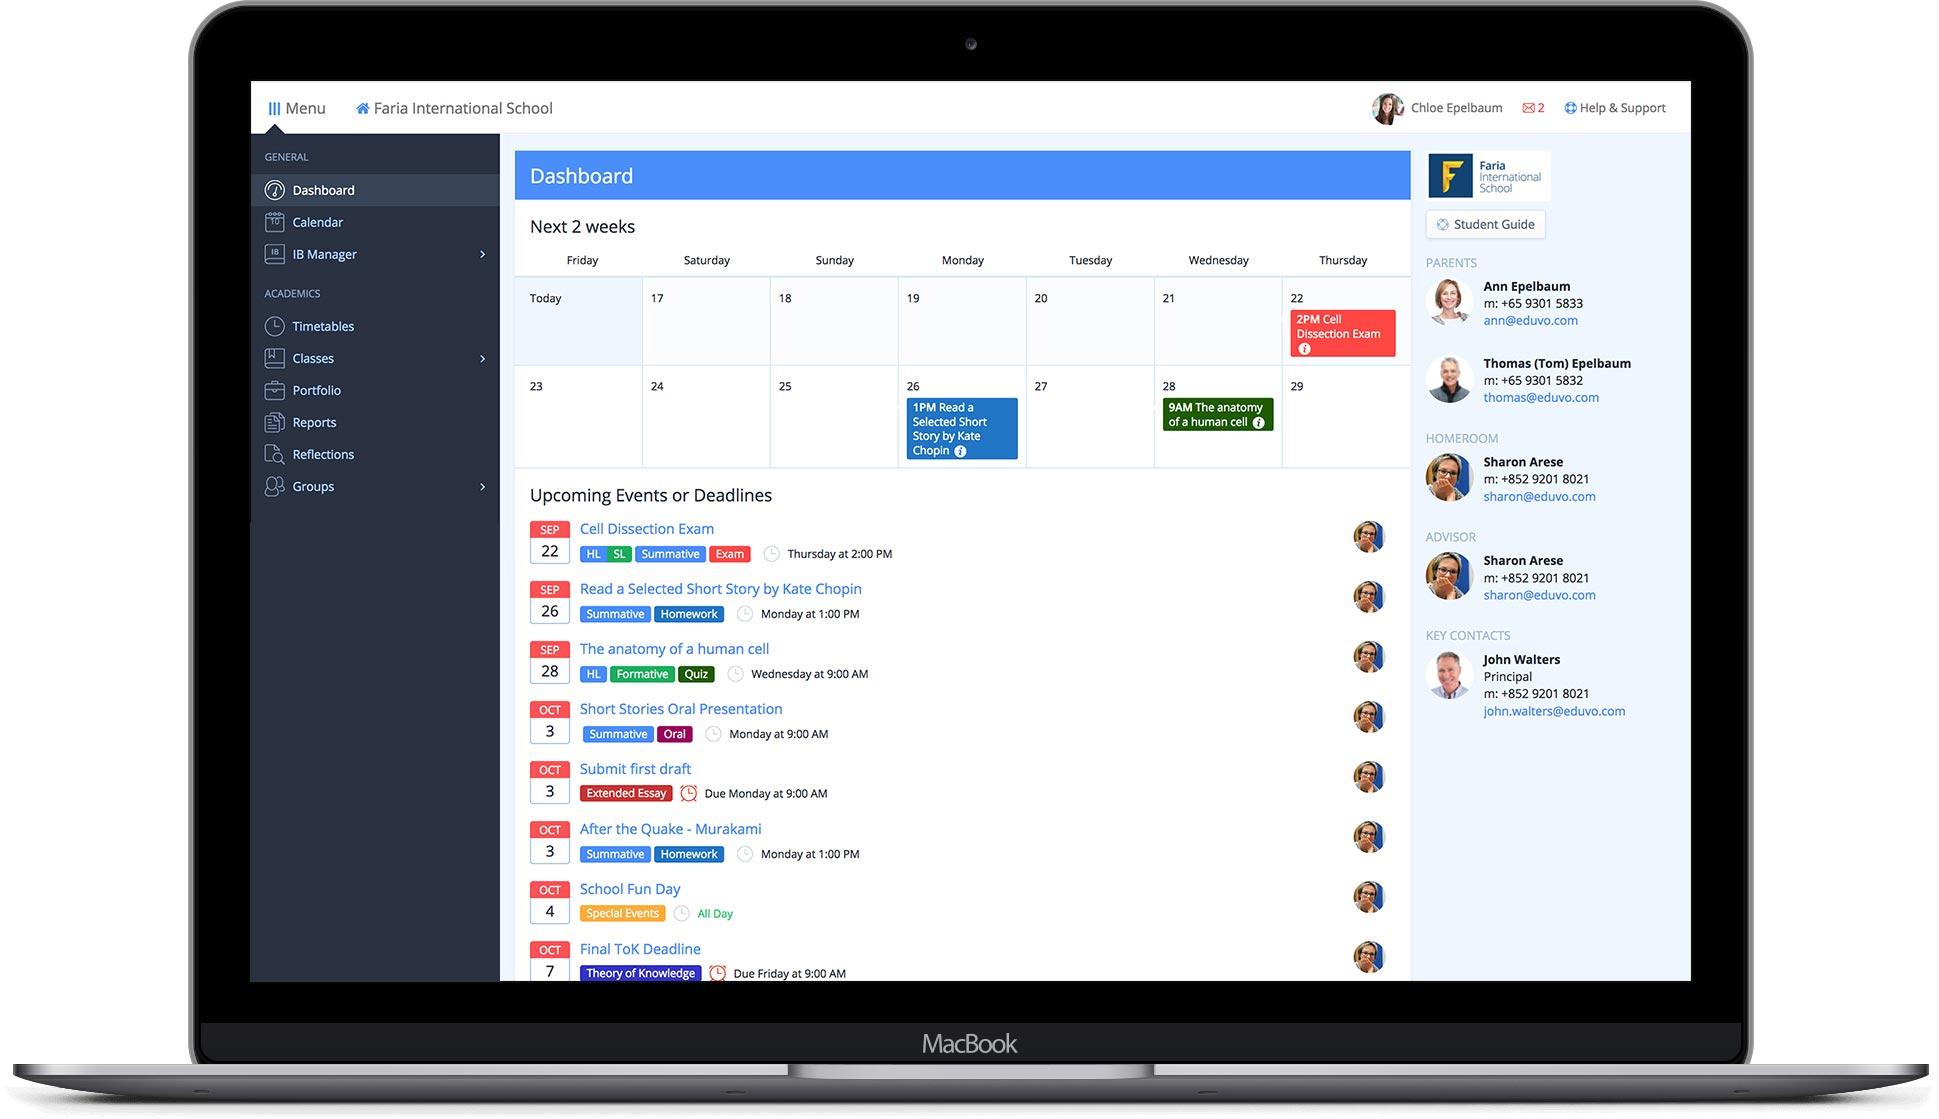 Managebac Reviews Edshelf